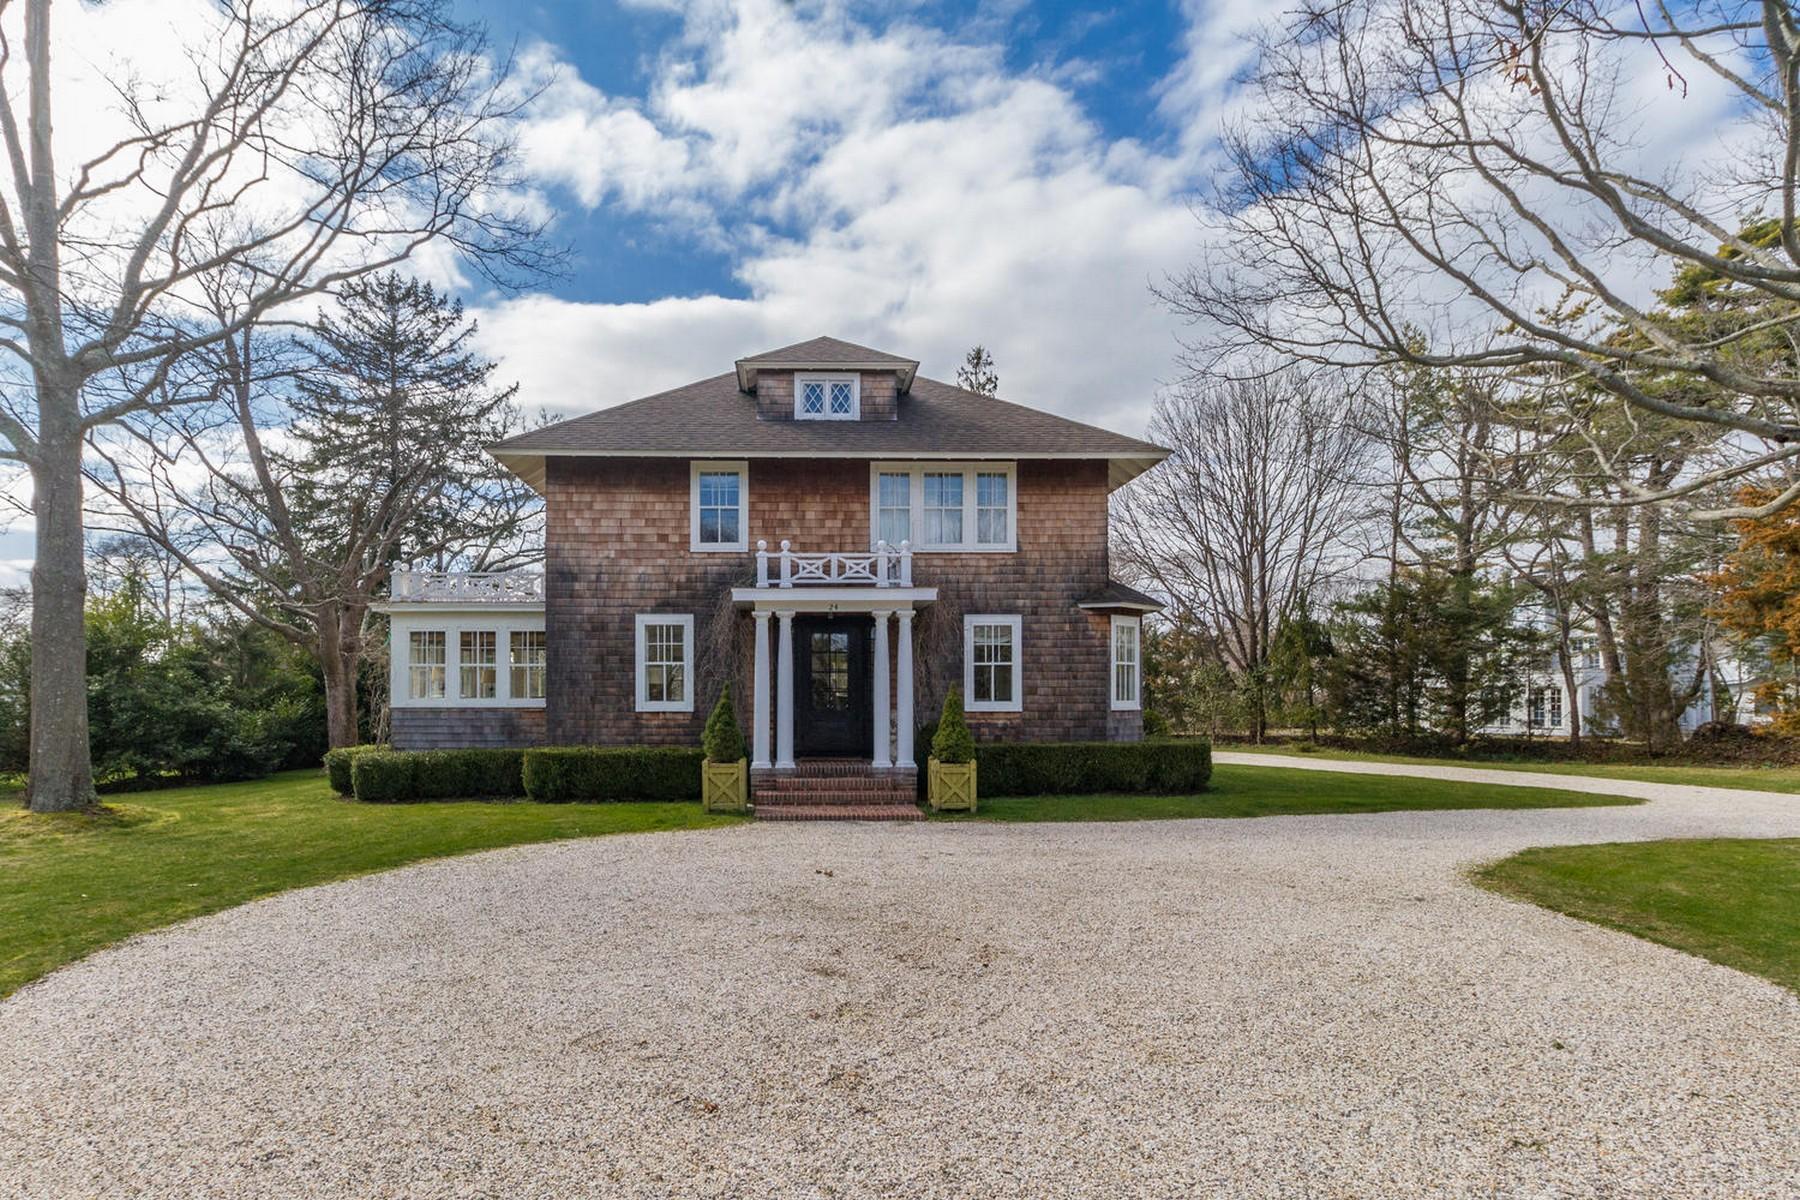 Villa per Vendita alle ore Colonial 24 S Howells Point Rd Bellport, New York, 11713 Stati Uniti